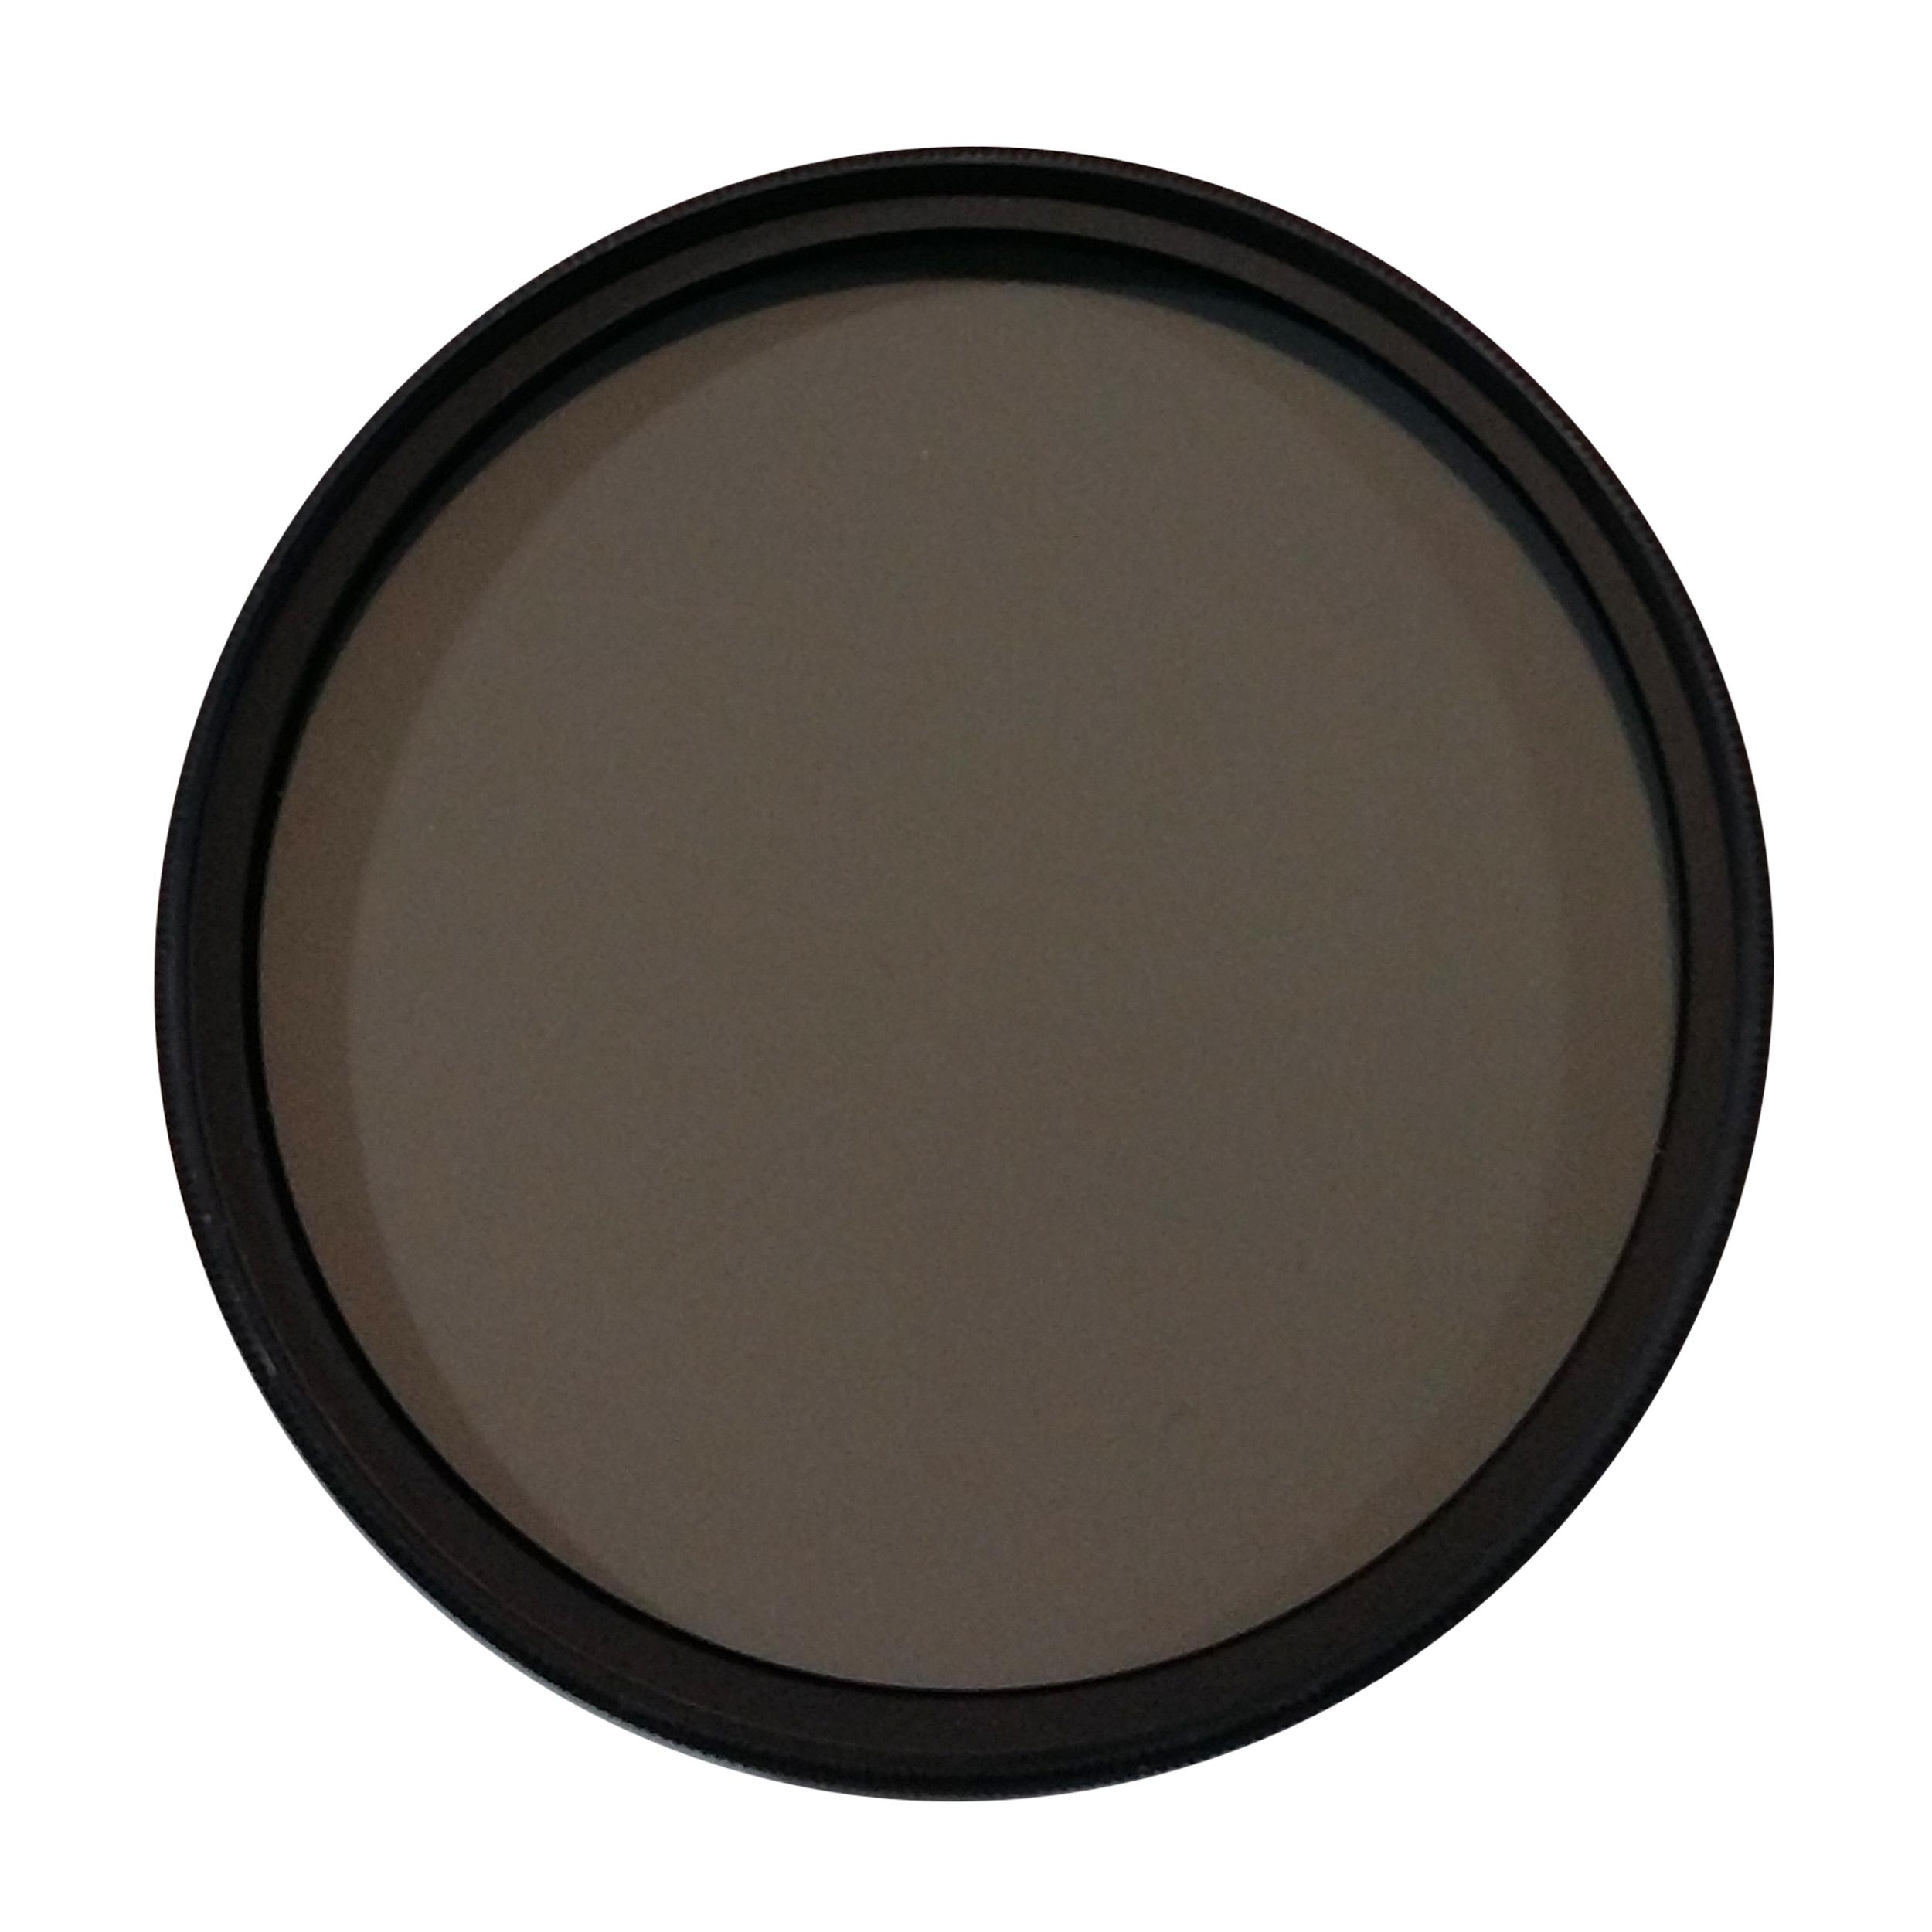 بررسی و {خرید با تخفیف} فیلتر لنز گرین ال مدل Slim CPL Gray vario 58mm اصل